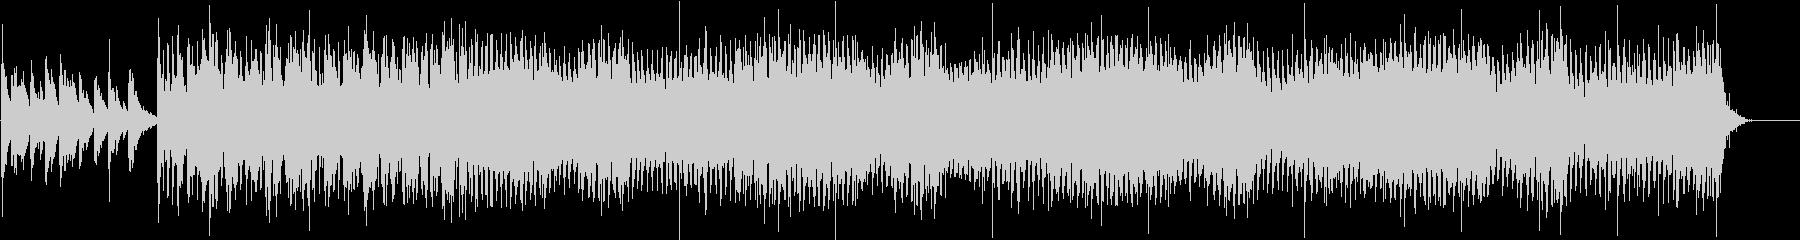 シャッフルで明るく揺れるようなBGMの未再生の波形